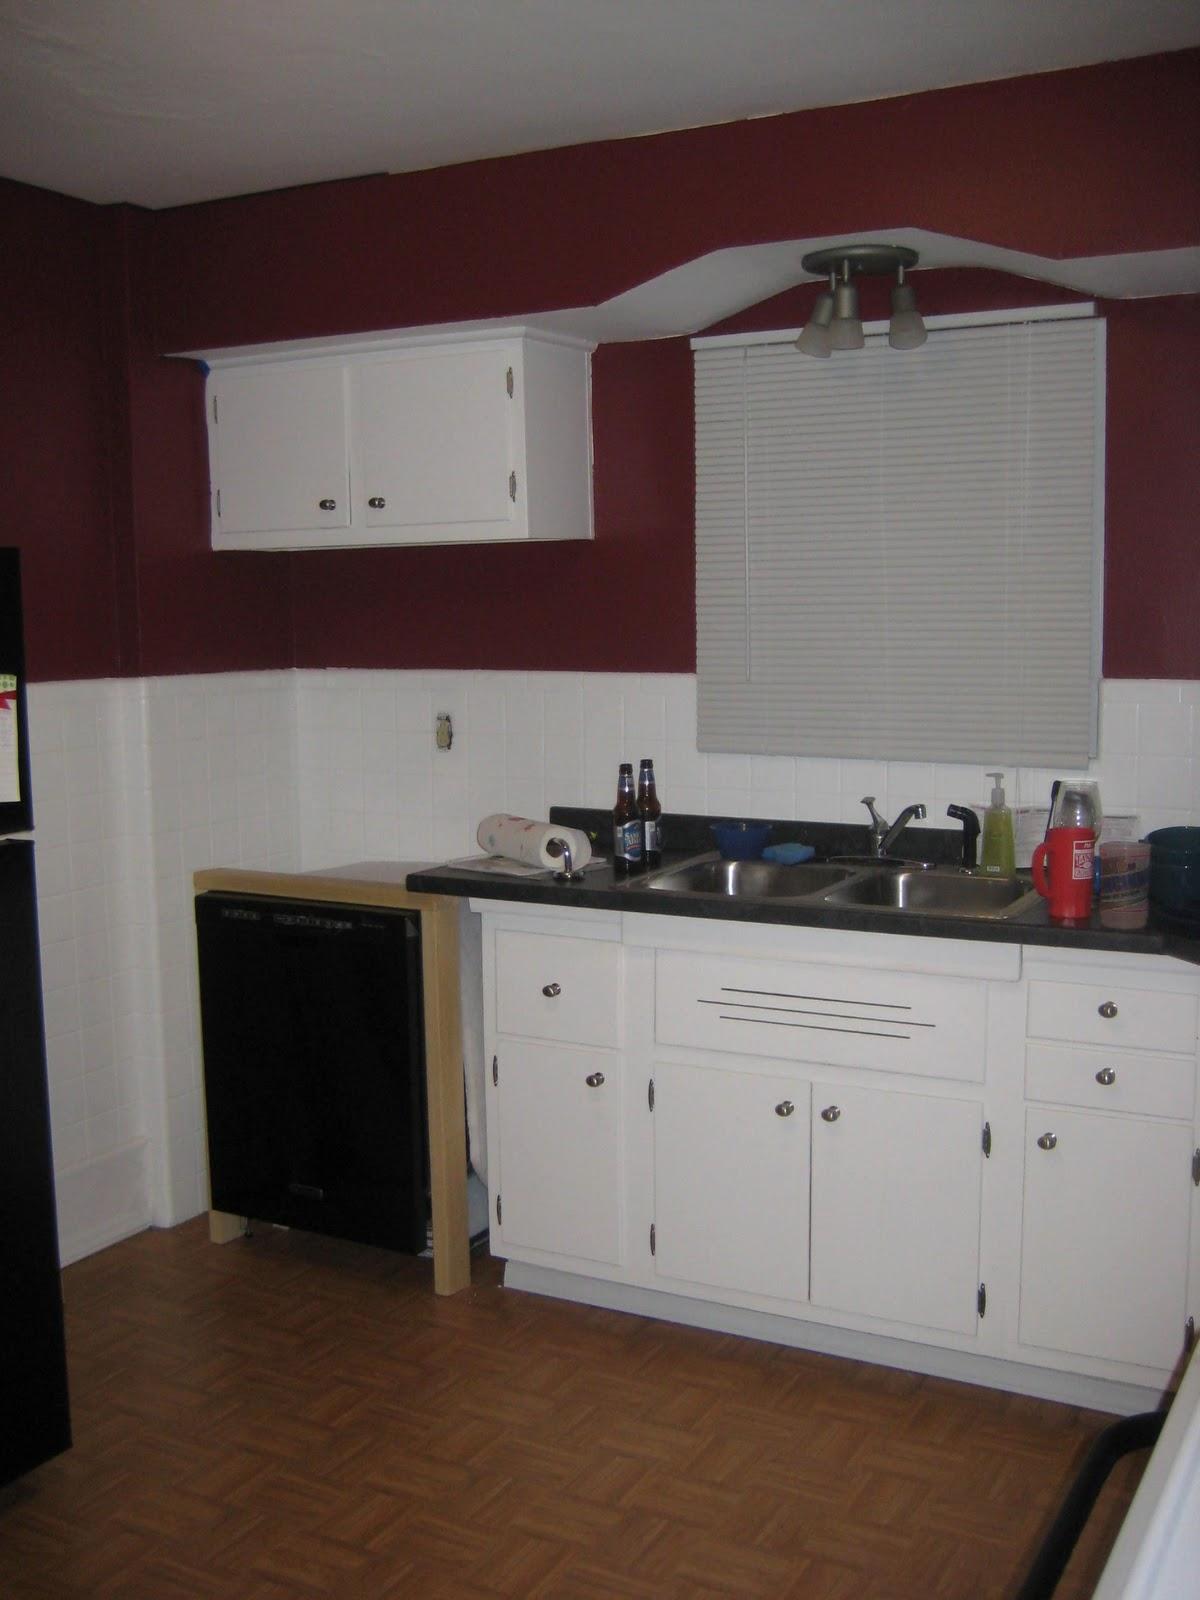 Kitchen CabiDishwasher